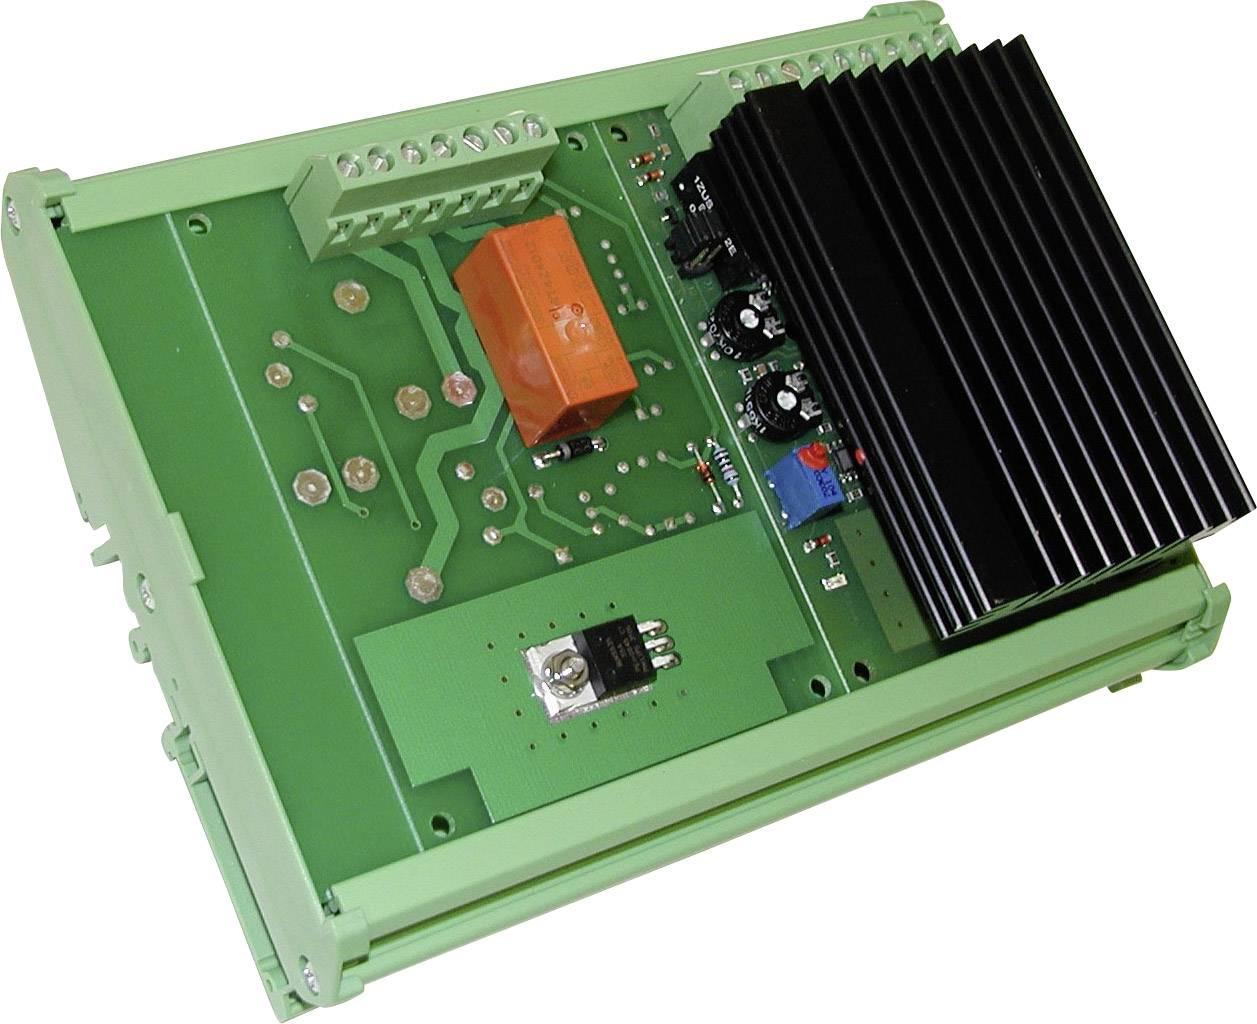 Regulátor otáčok pre DC motory EPH Elektronik GS24S/06/M/DW 360B.06.2/2225, 6 A, 24 V/DC